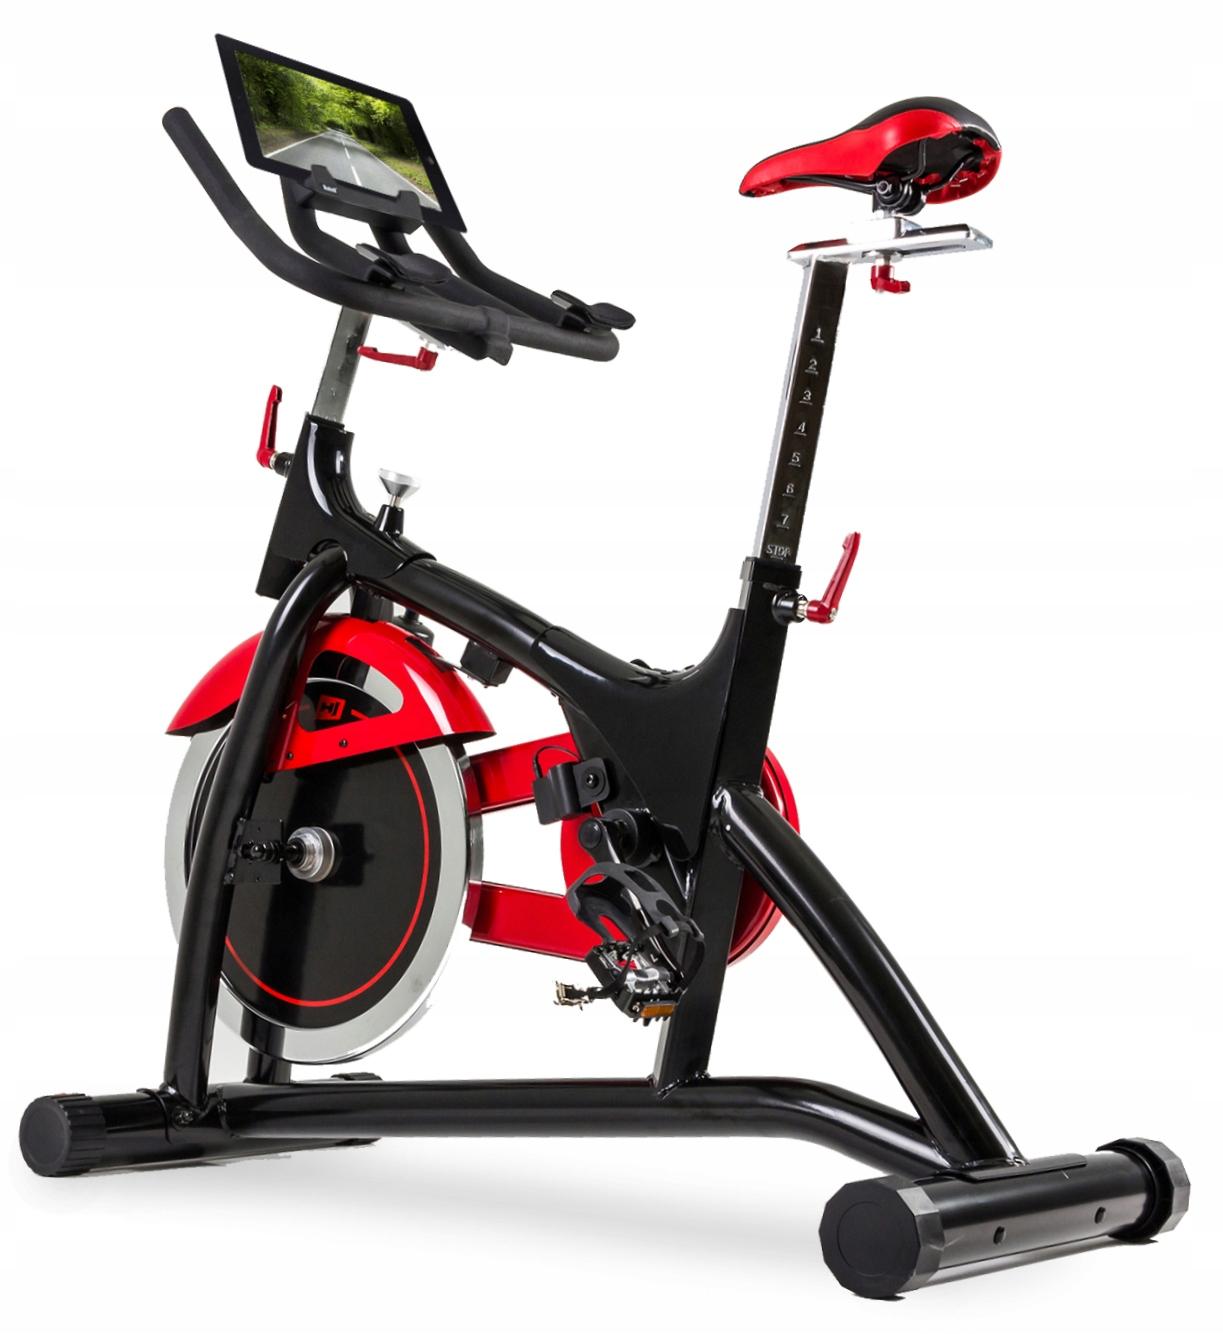 Rower spiningowy z wolnym biegiem HS-085IC Gravity